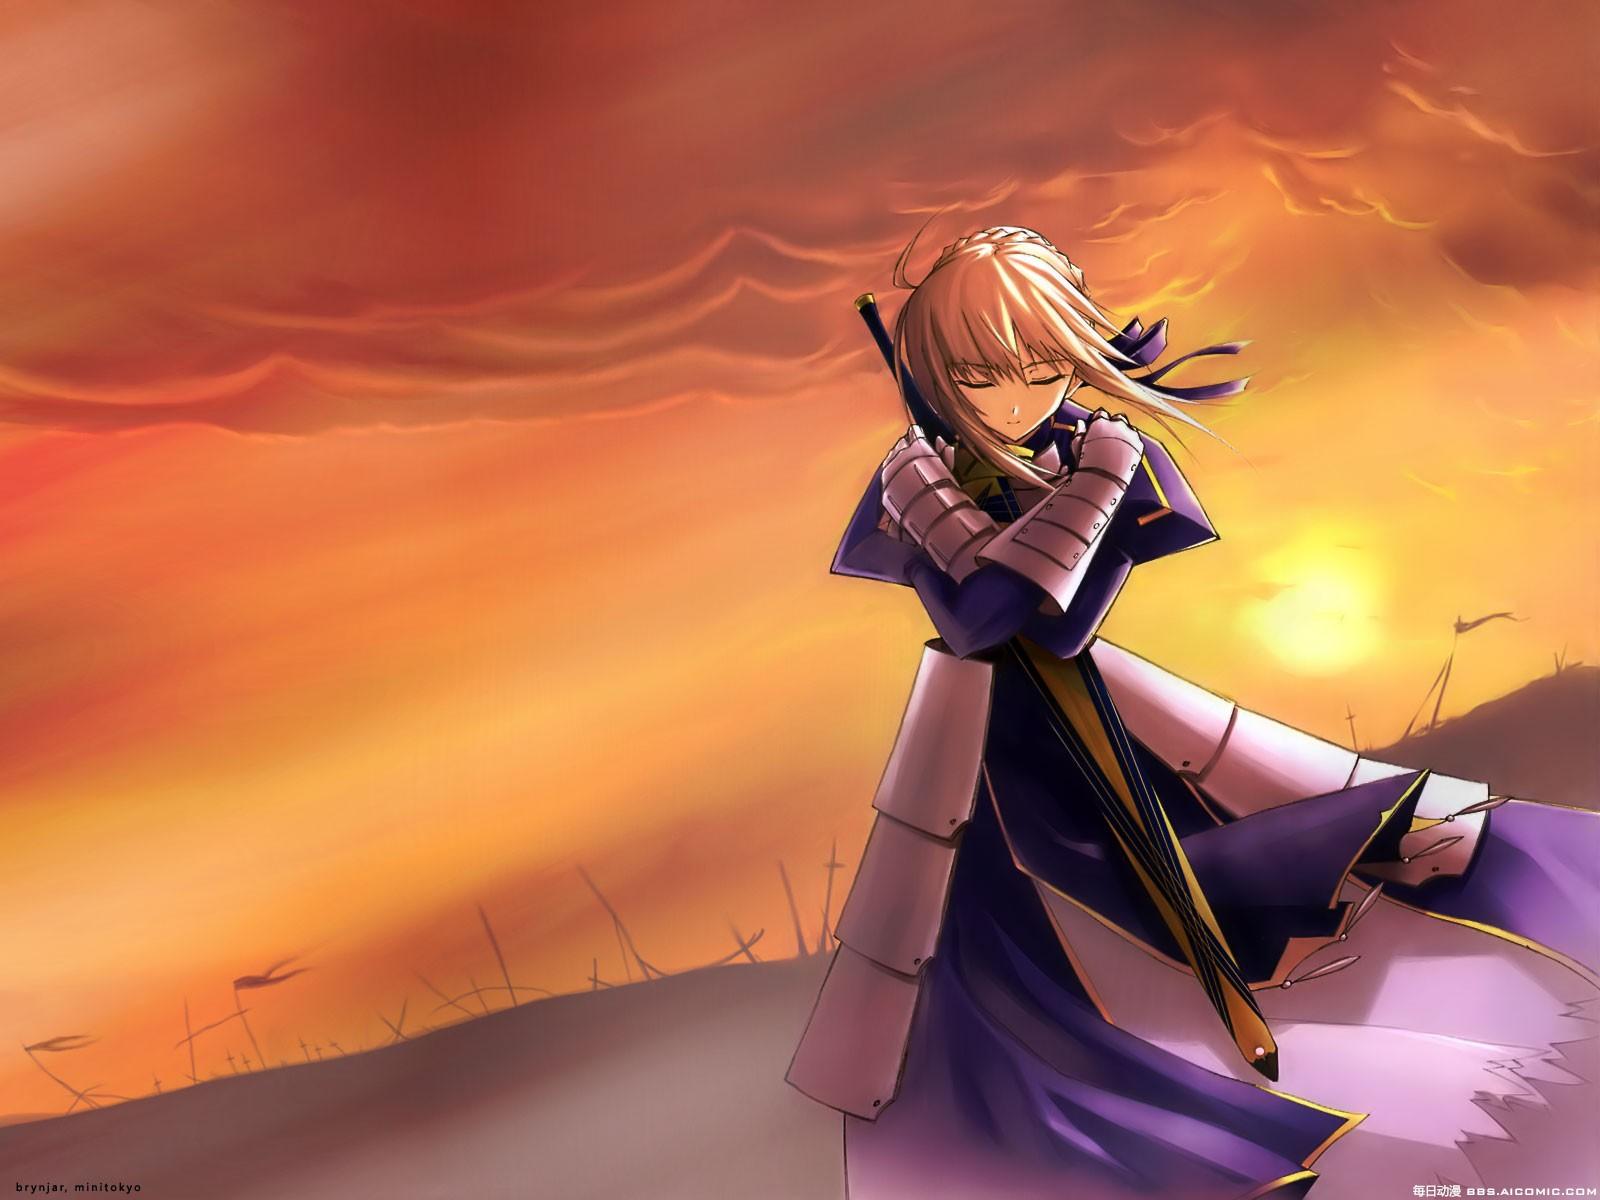 黄昏动漫吧福利_谁有一张图片是黄昏一个动漫美女站在草丛中双手压着剑,画面中有\